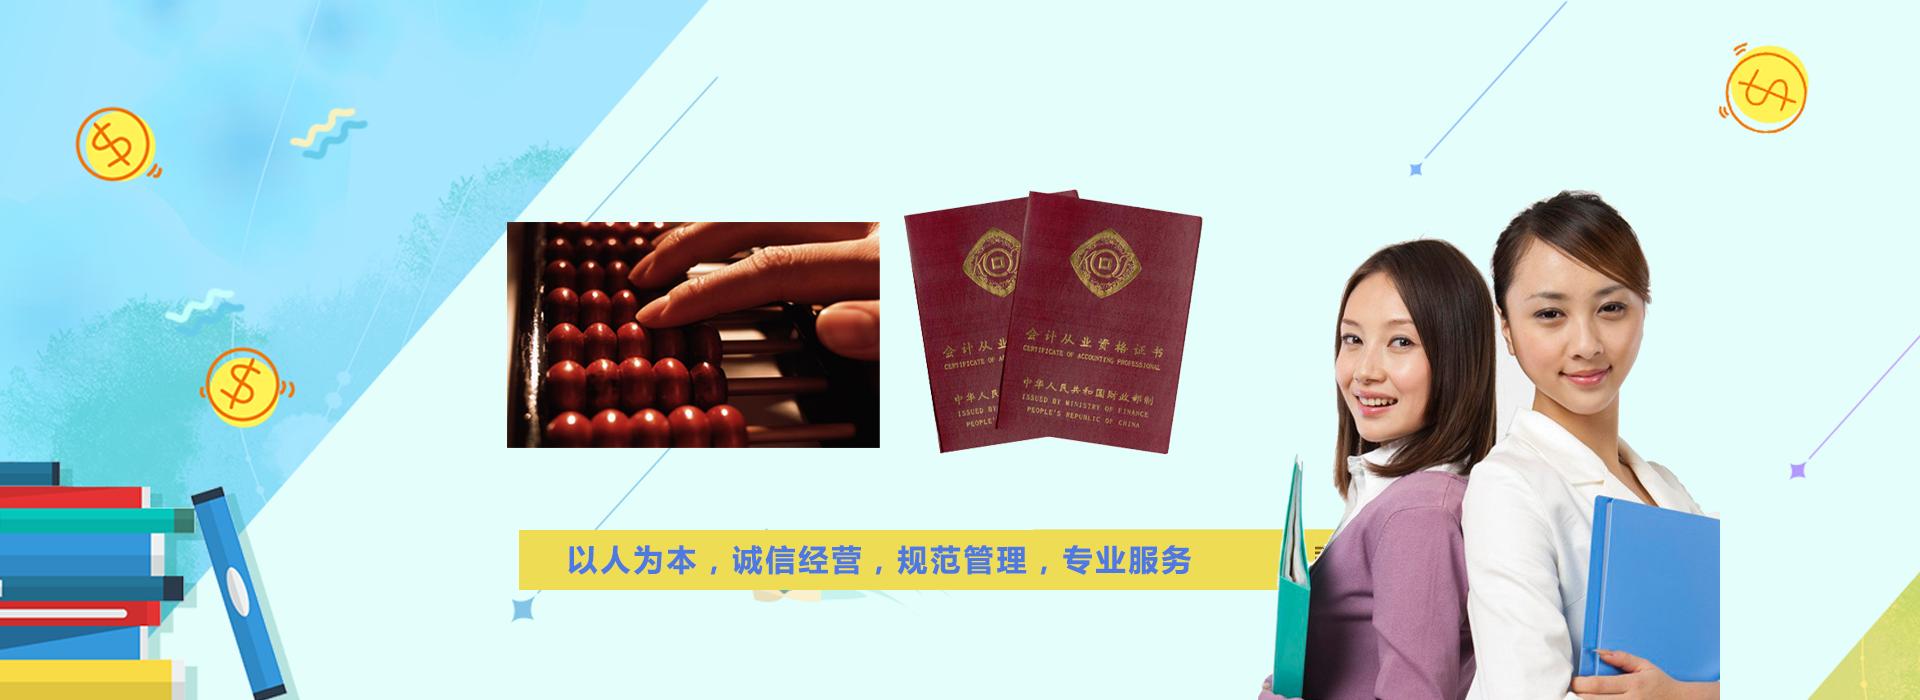 南宁企业工商注册,南宁营业执照代办,南宁代办公司注册